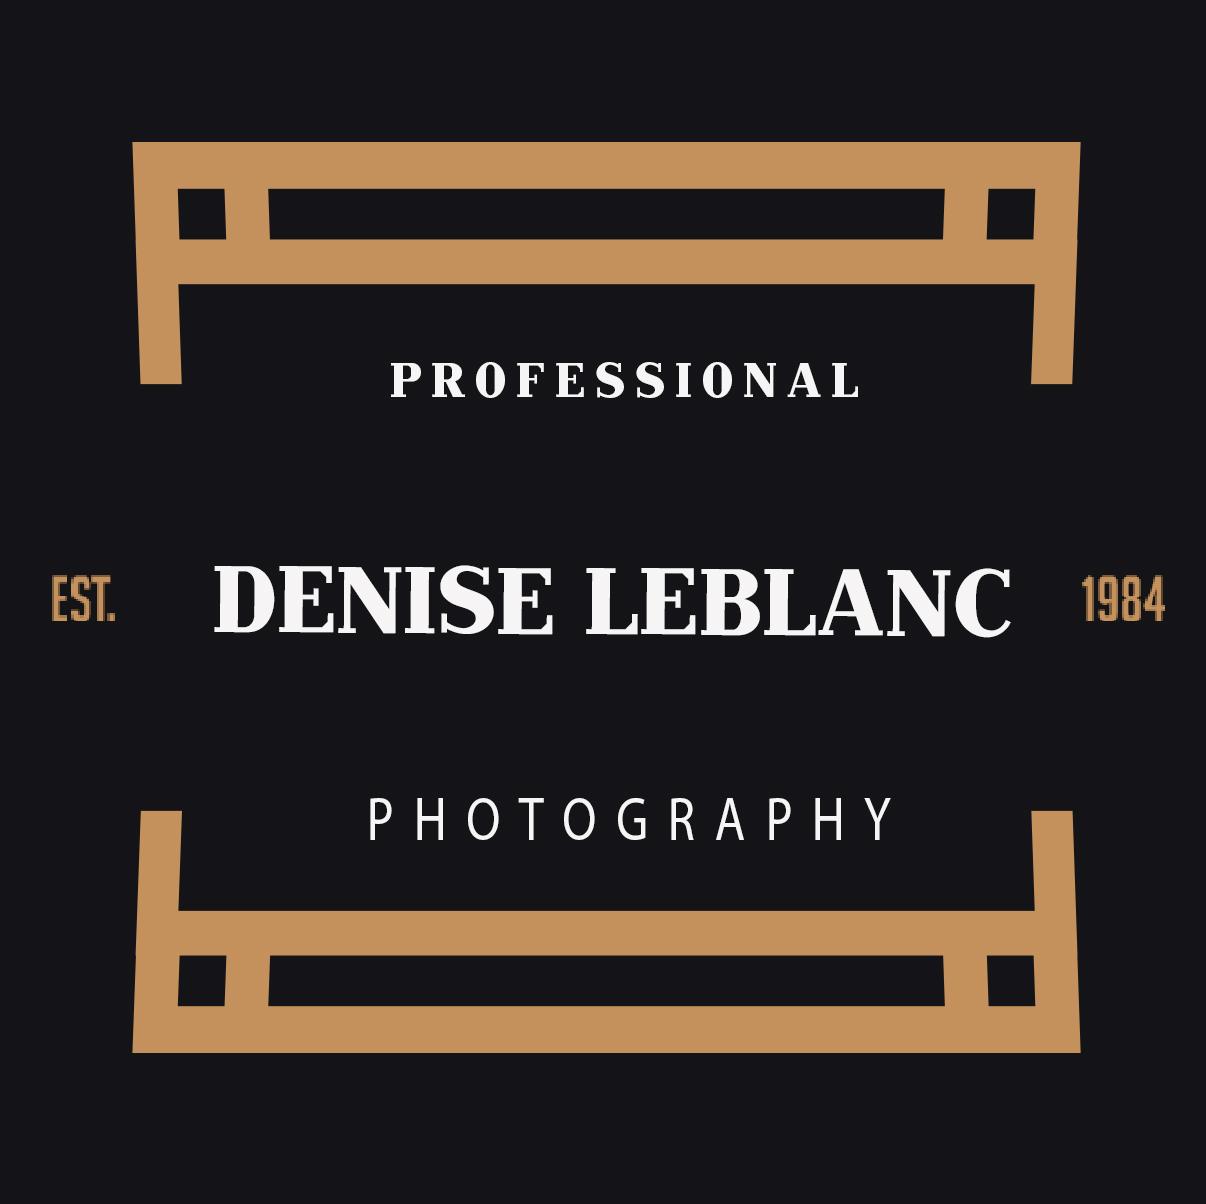 Denise LeBlanc Photography